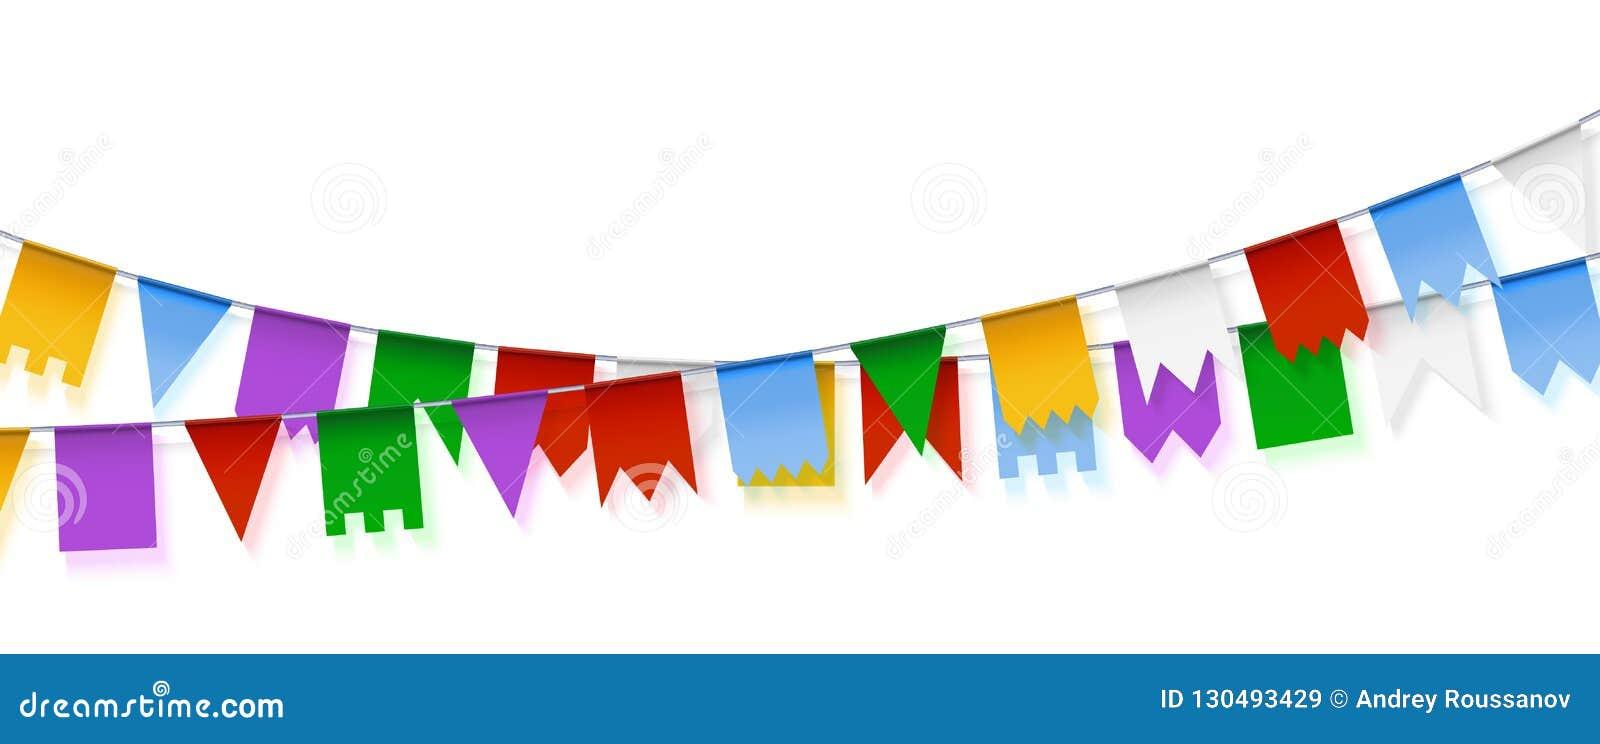 Forart Guirnalda navide/ña en rat/án con 4 franelas Lindas mu/ñecas navide/ñas de Felpa Puerta de Entrada Guirnalda Festiva Colgante Colgante Adornos navide/ños para decoraci/ón de Ventanas